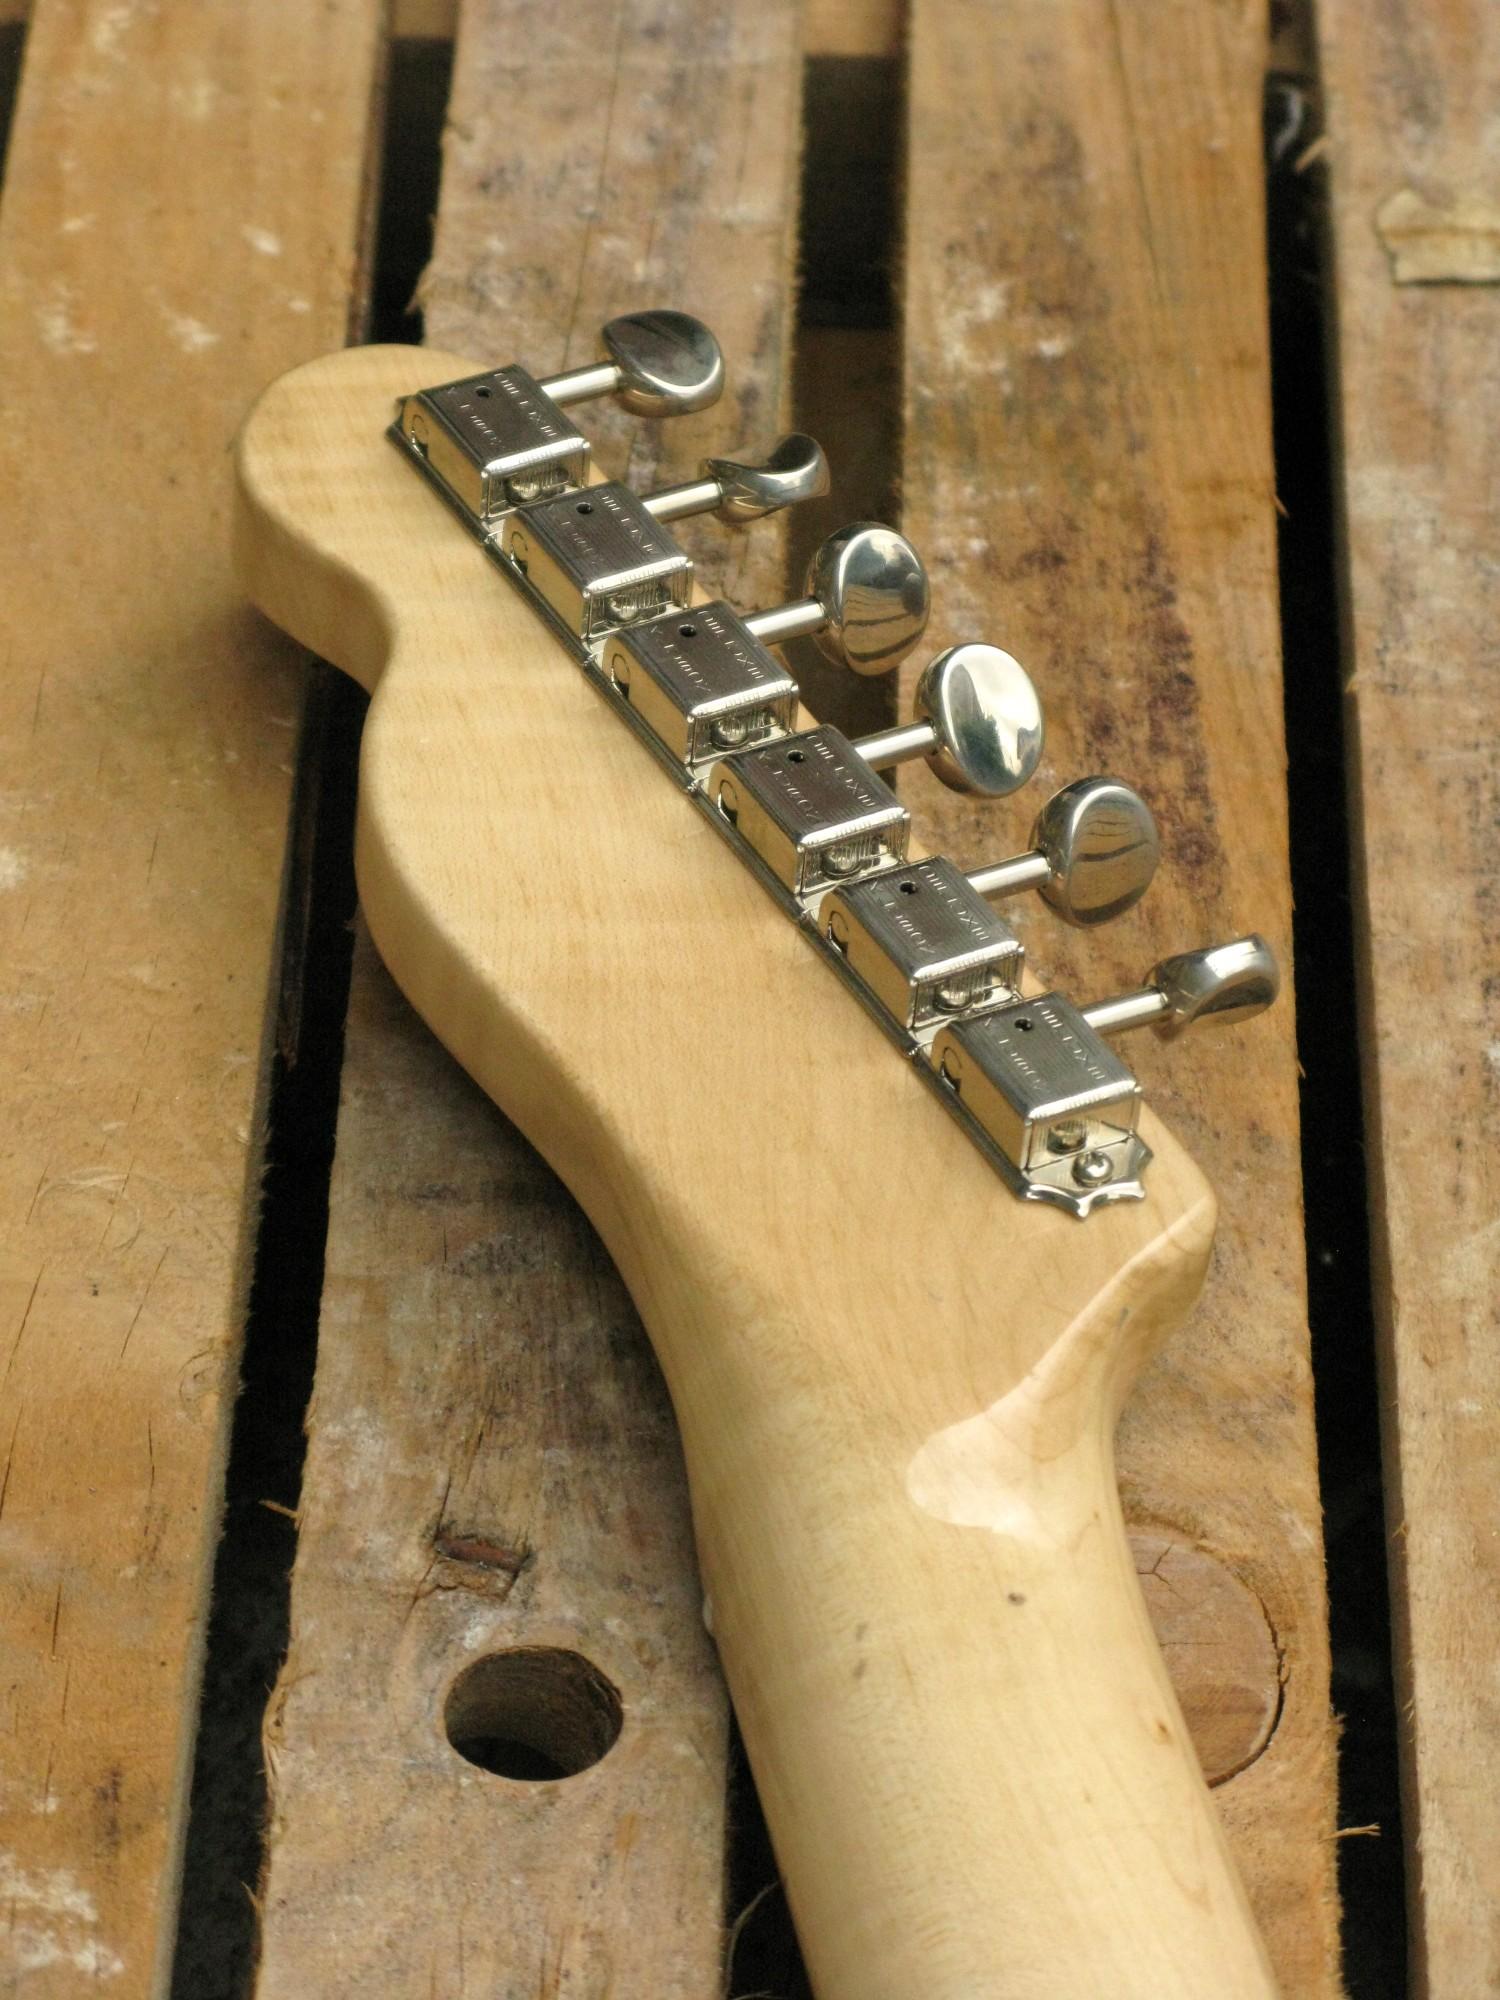 Retro della paletta in acero di una chitarra elettrica Telecaster in pioppo